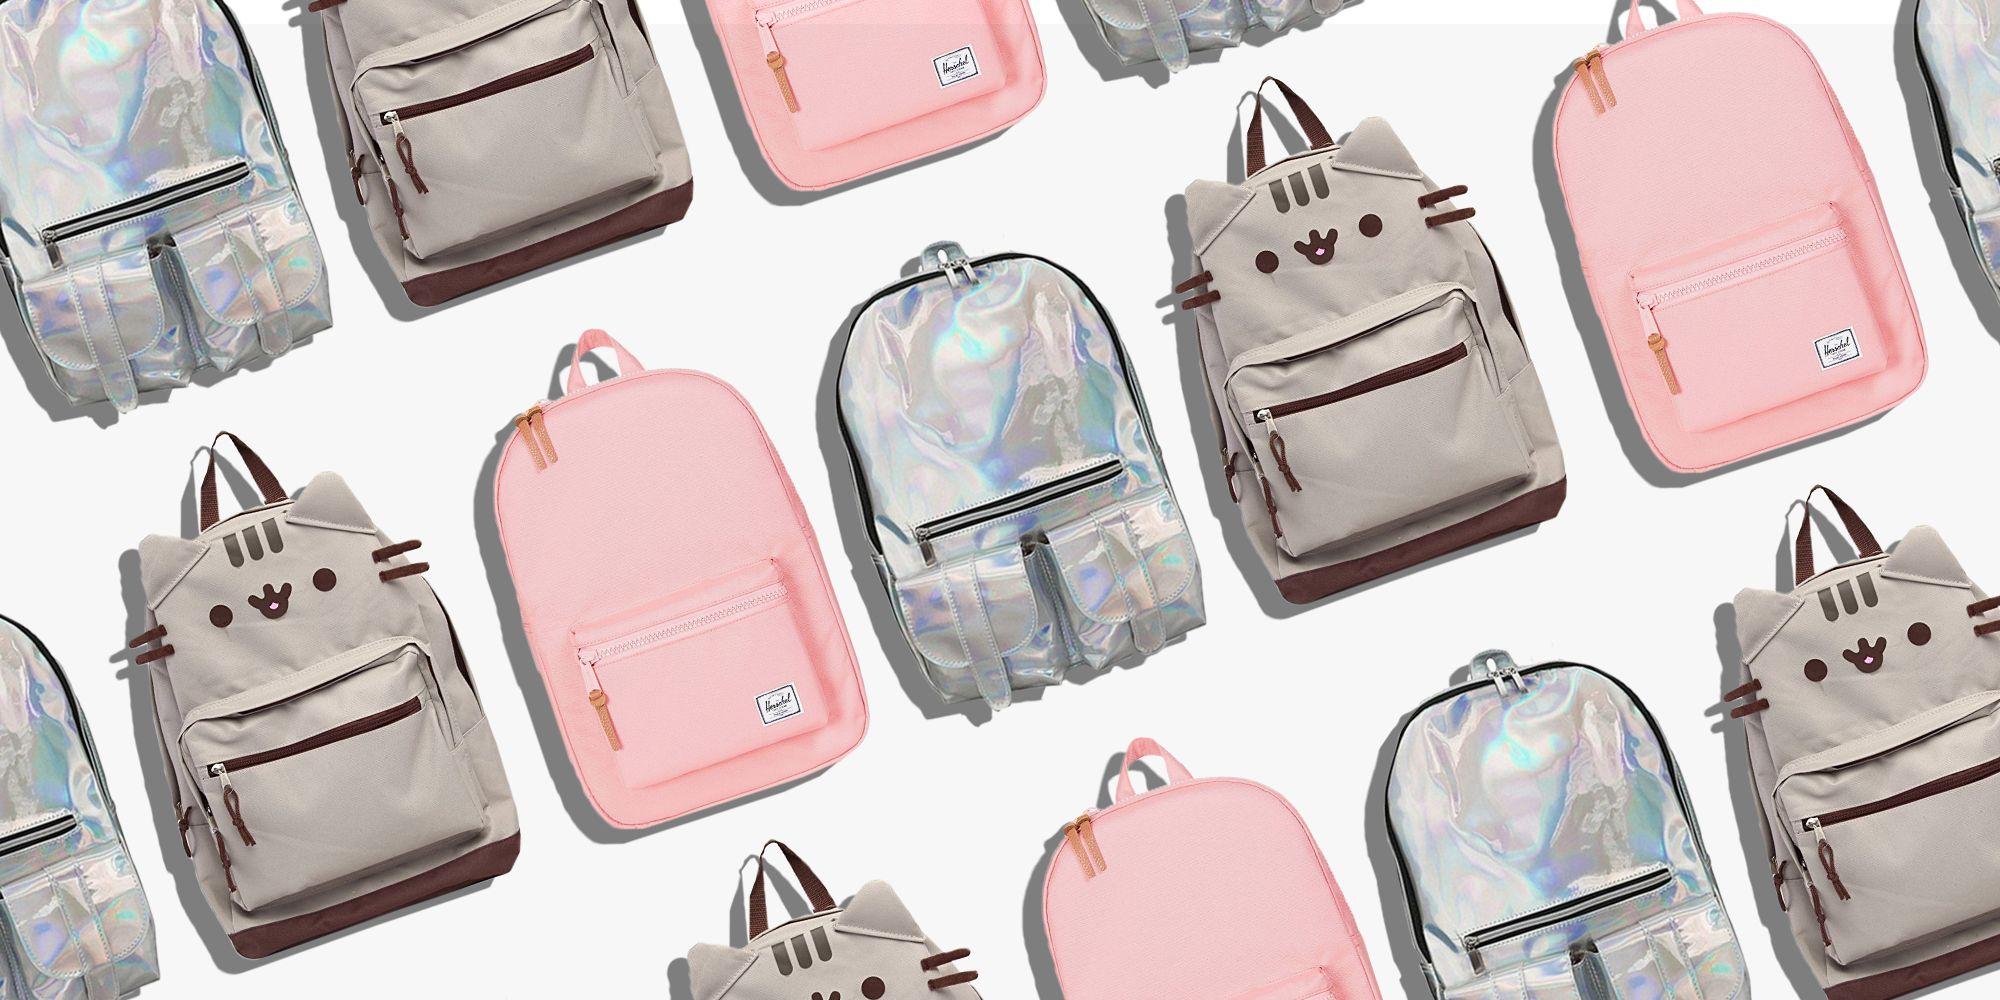 3030da5d4e 15 Best Backpacks for Girls in 2018 - Cute Backpacks   Bookbags for ...